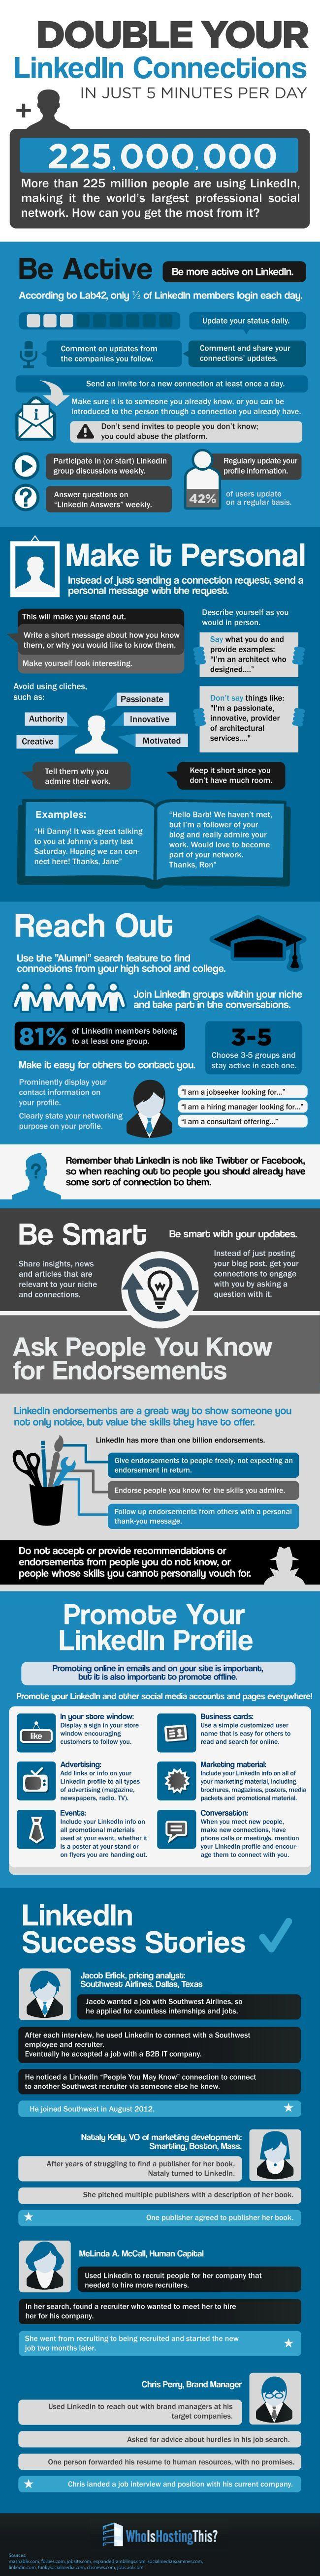 10 Simple Tips to Double your LinkedIn Connections / 10 einfache Tipps mit denen Ihr mehr Follower und Interaktion schaffen könnt.